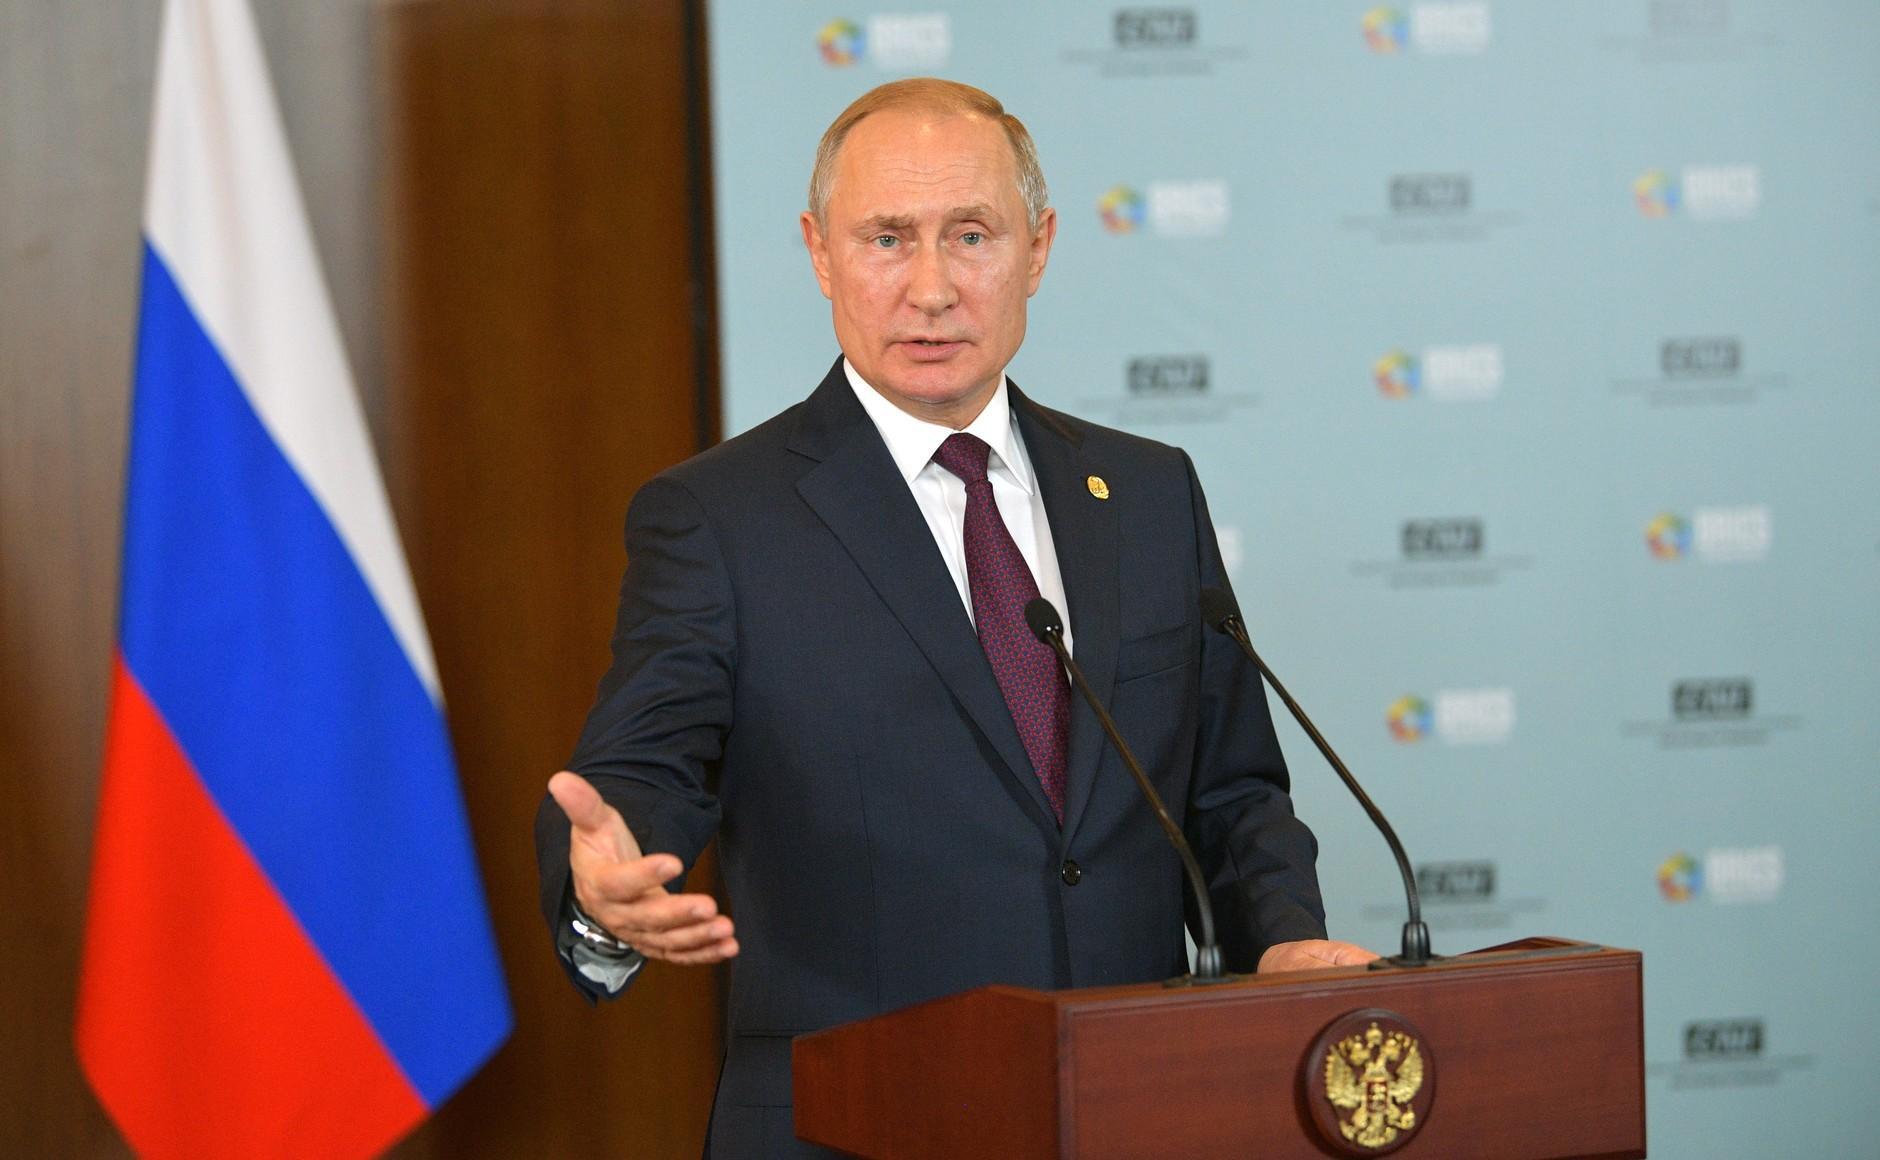 Путин: Нам не к кому идти с протянутой рукой